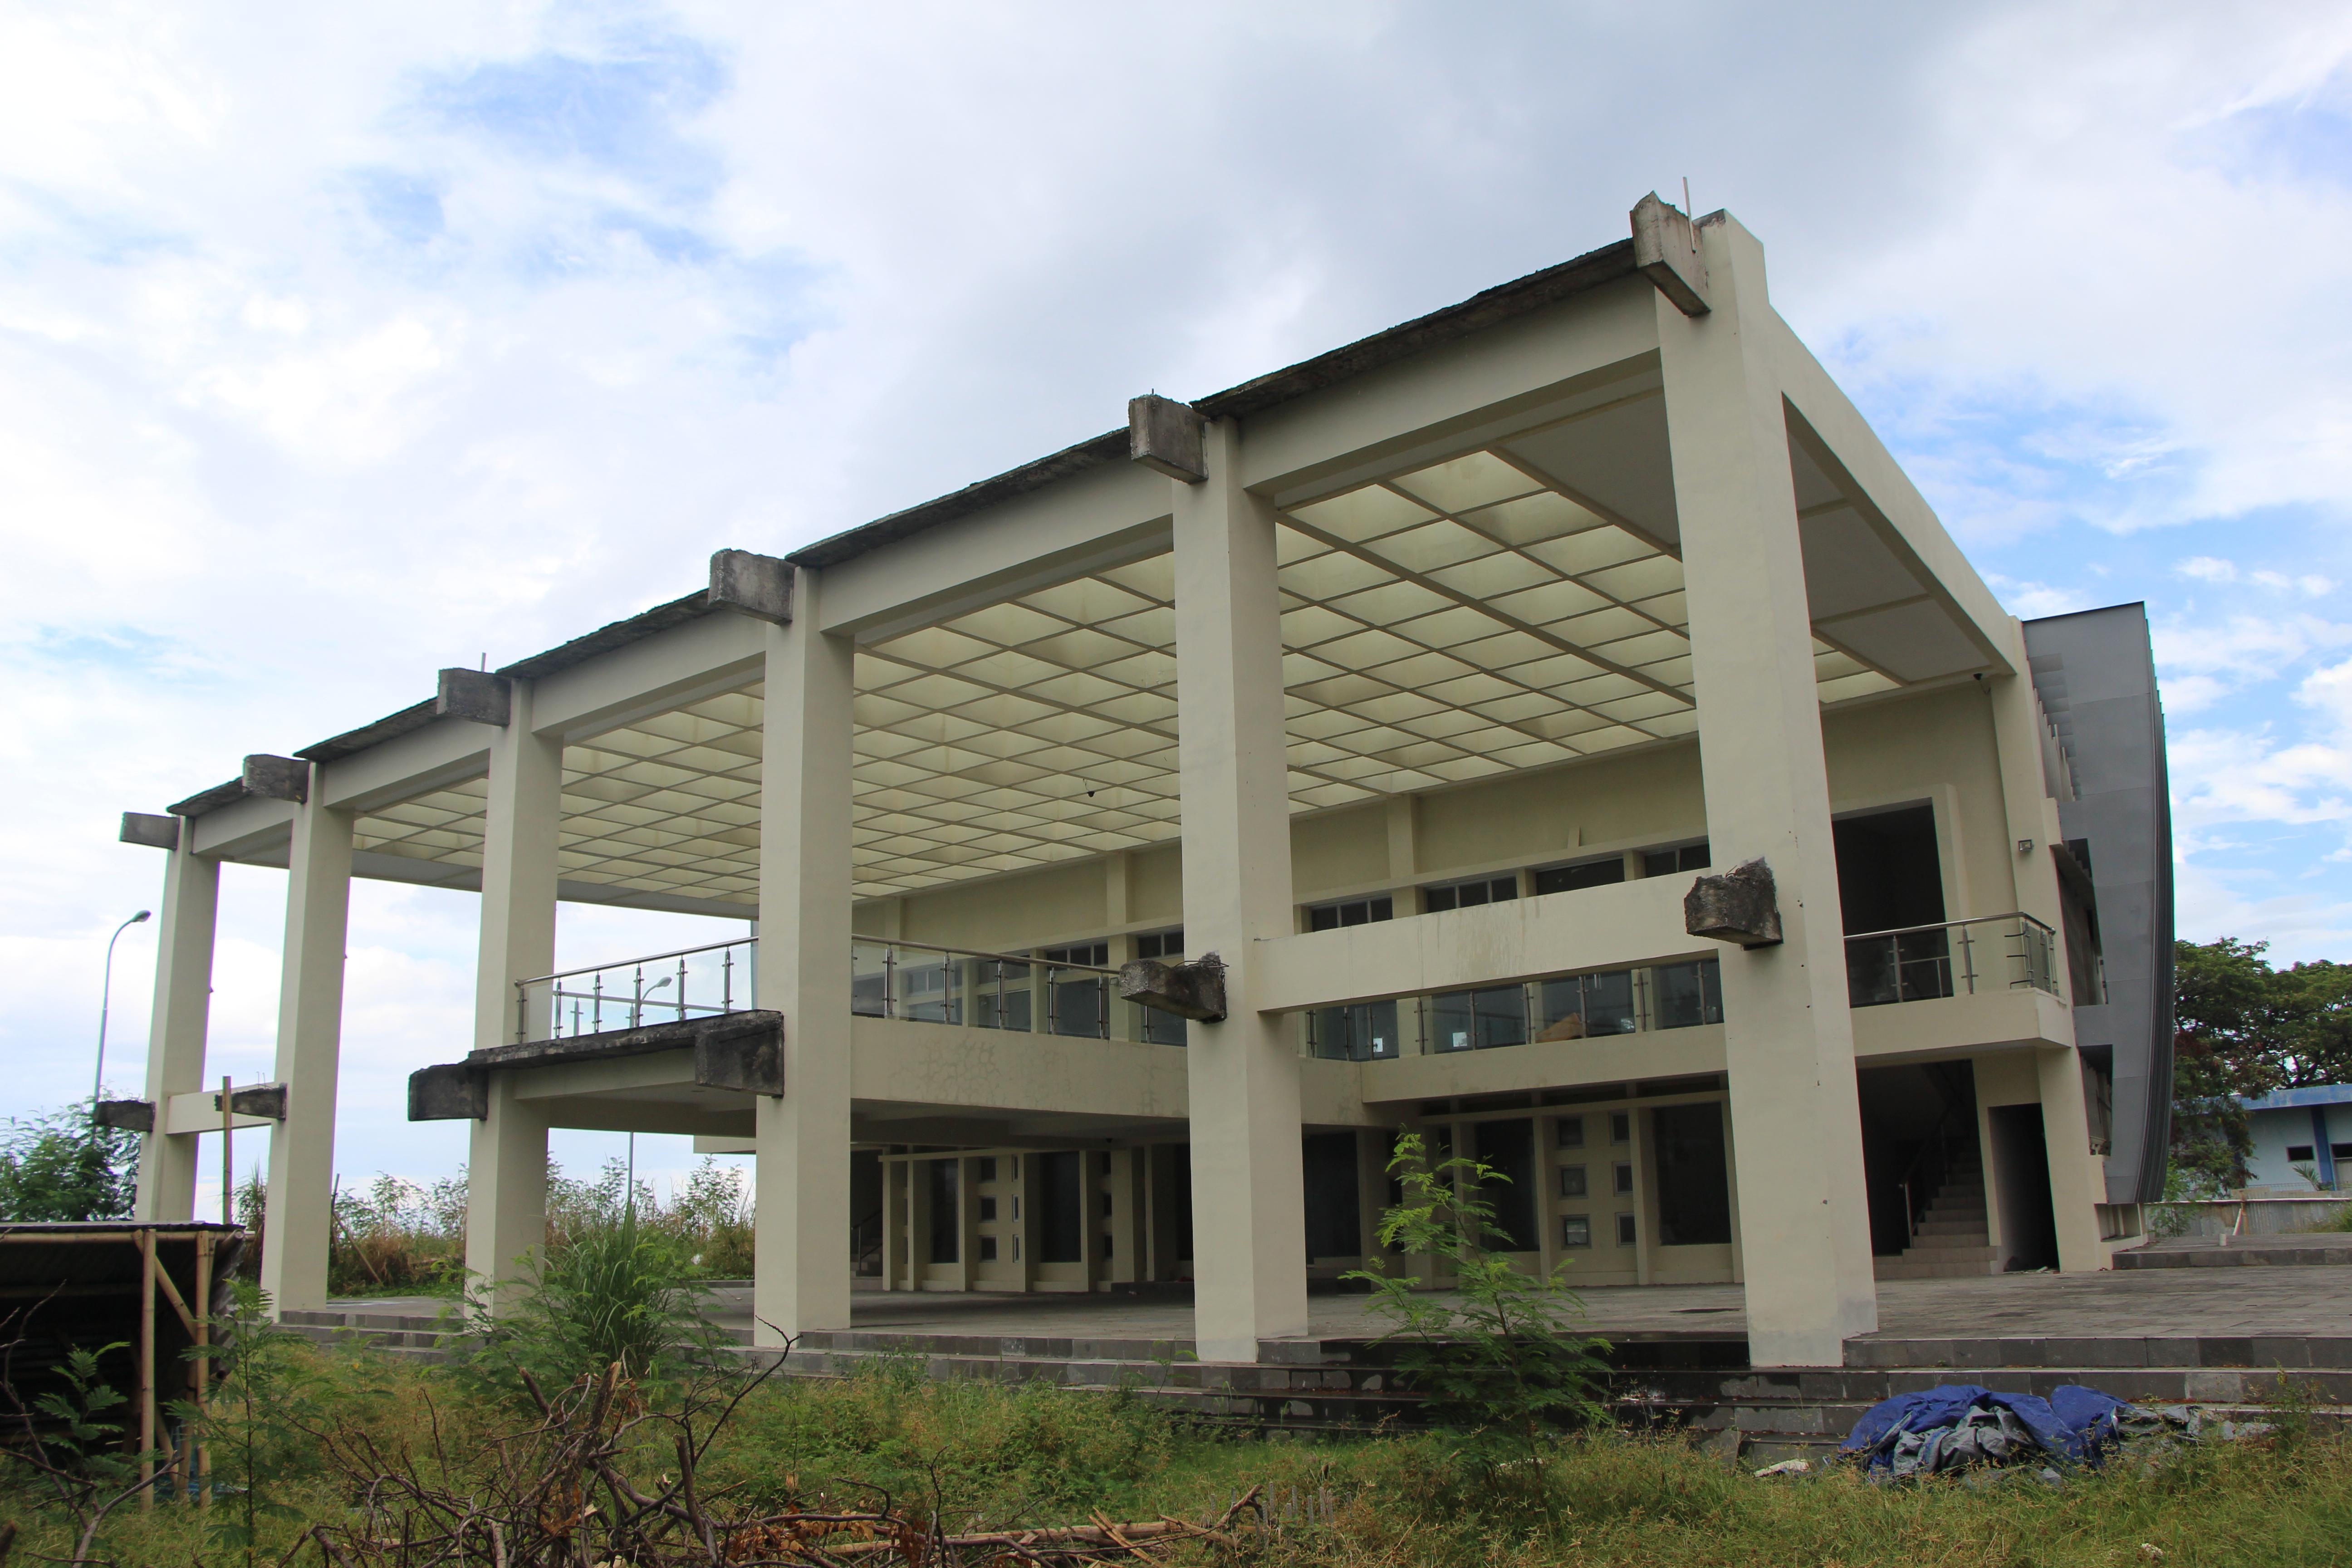 Museum Coelacanth Manado Siap Dituntaskan Direktorat Pelestarian Img 9240 Dibangun